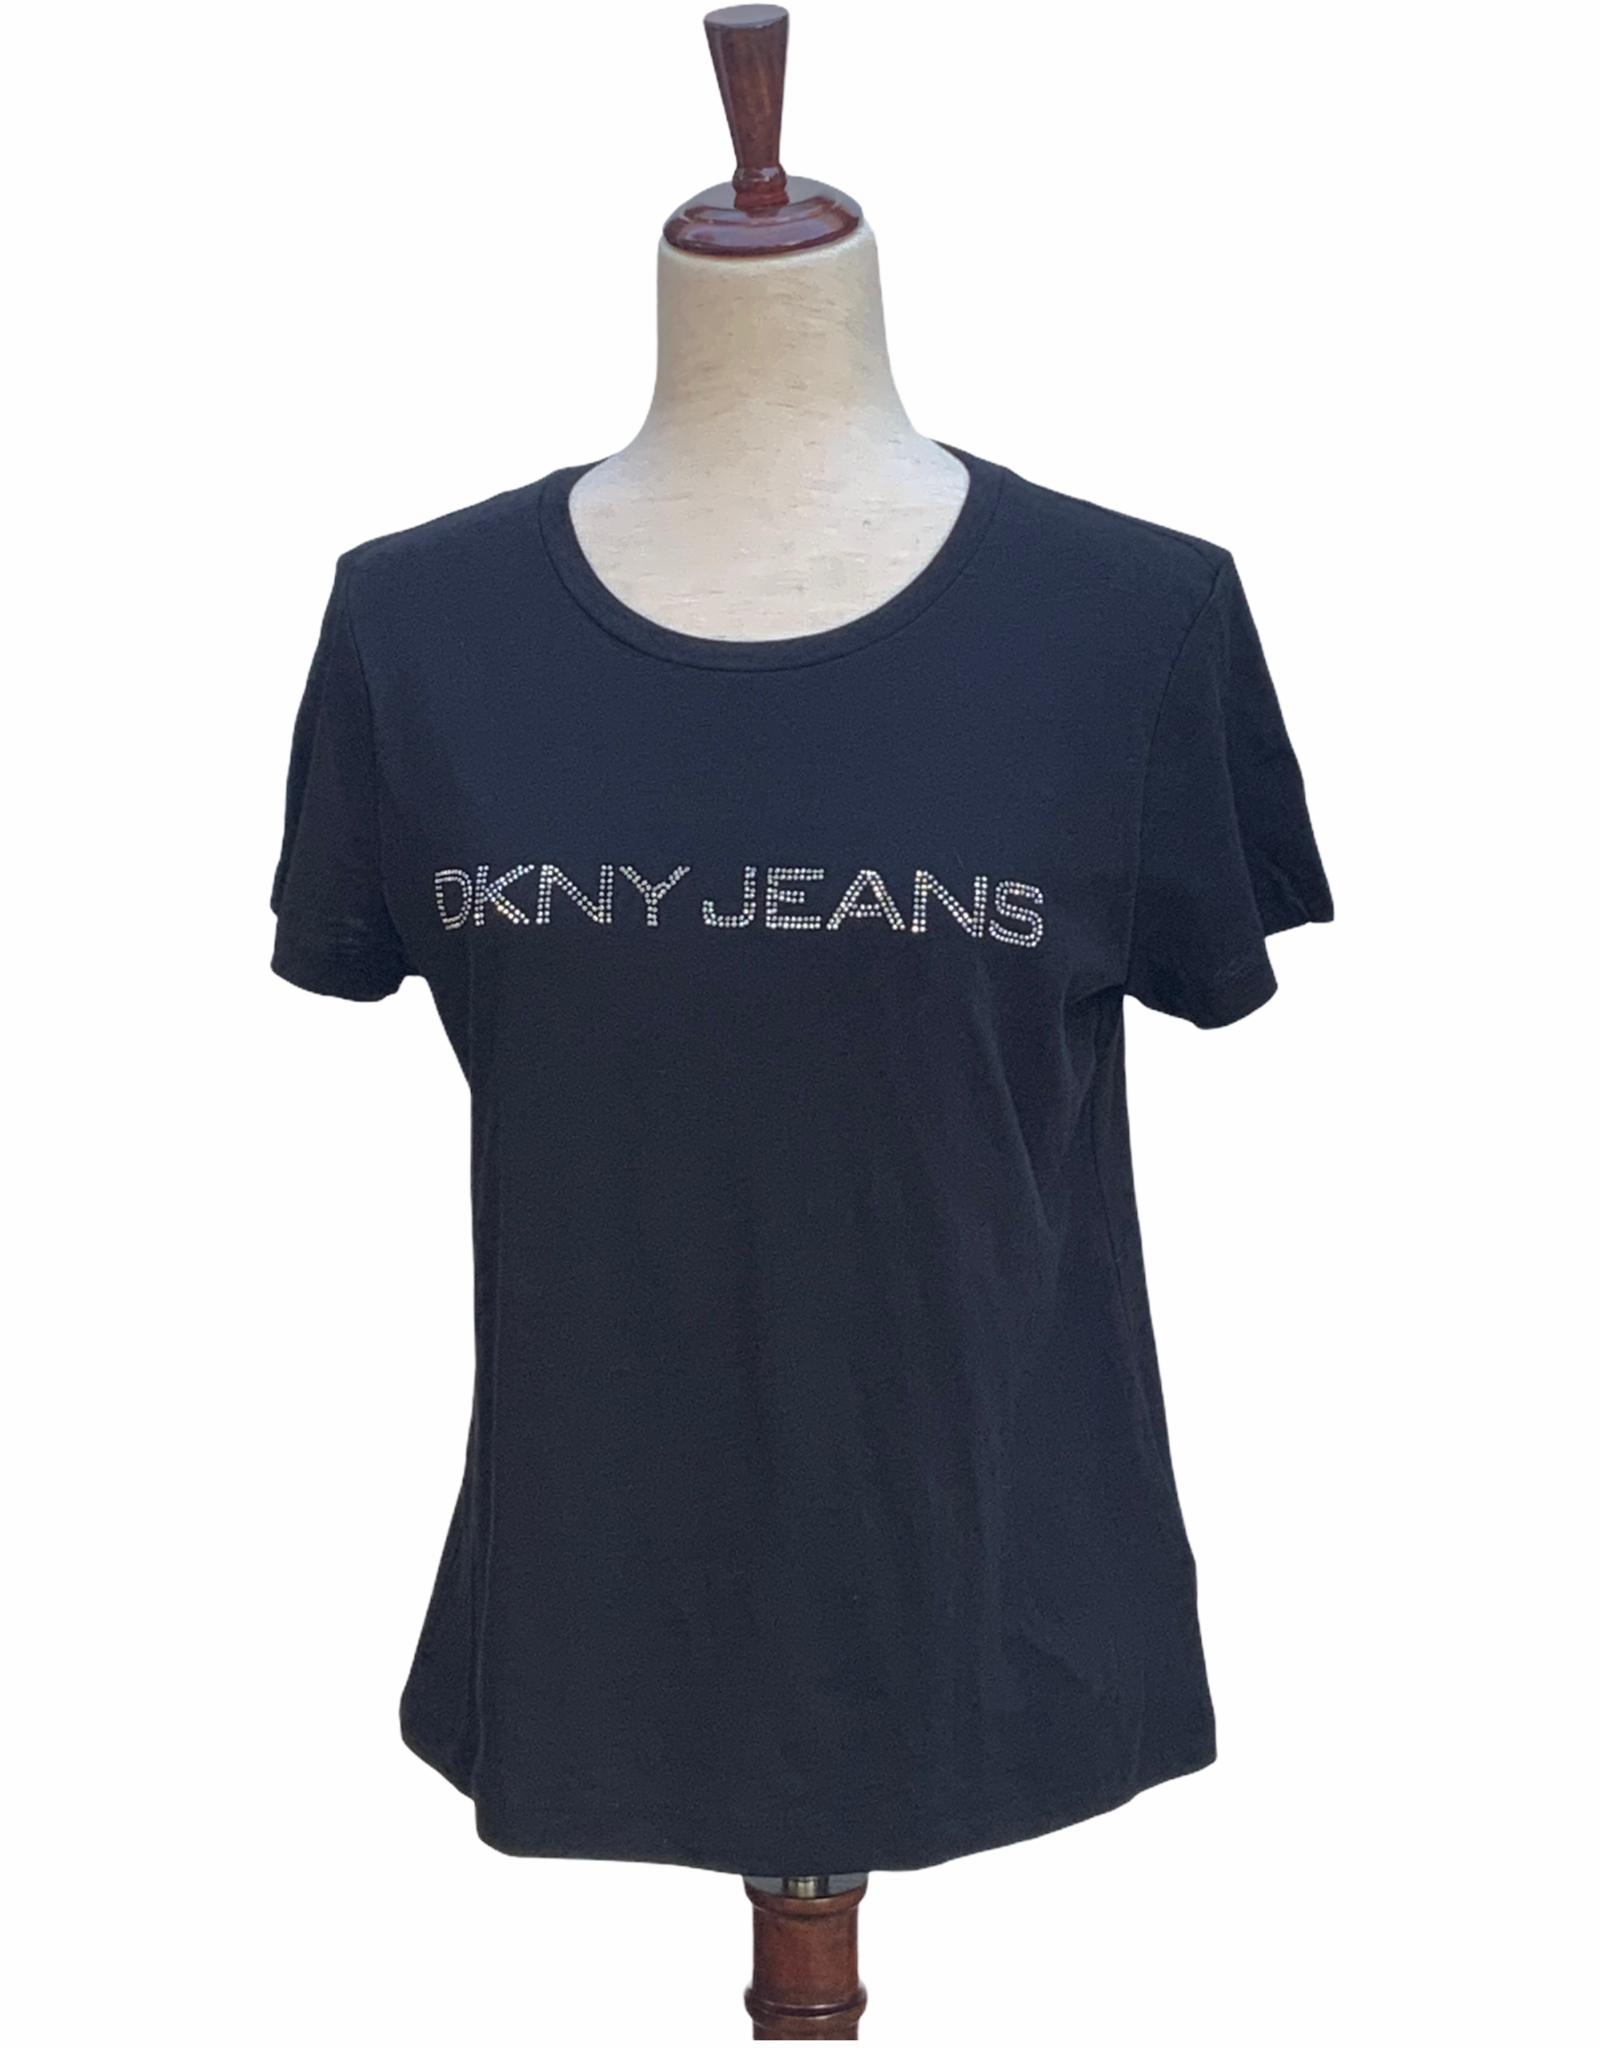 DKNY DKNY Tee Nailhead Heat Transfer Logo